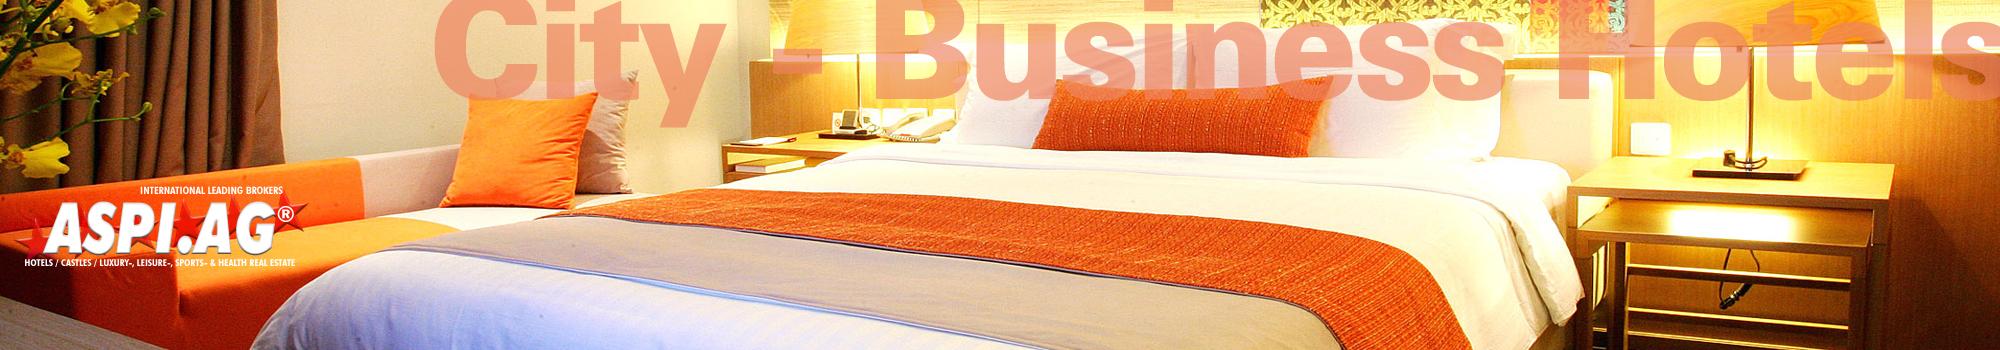 Cityhotel Stadthotel Konferenzhotel kaufen verkaufen pachten Hotelmakler ASP